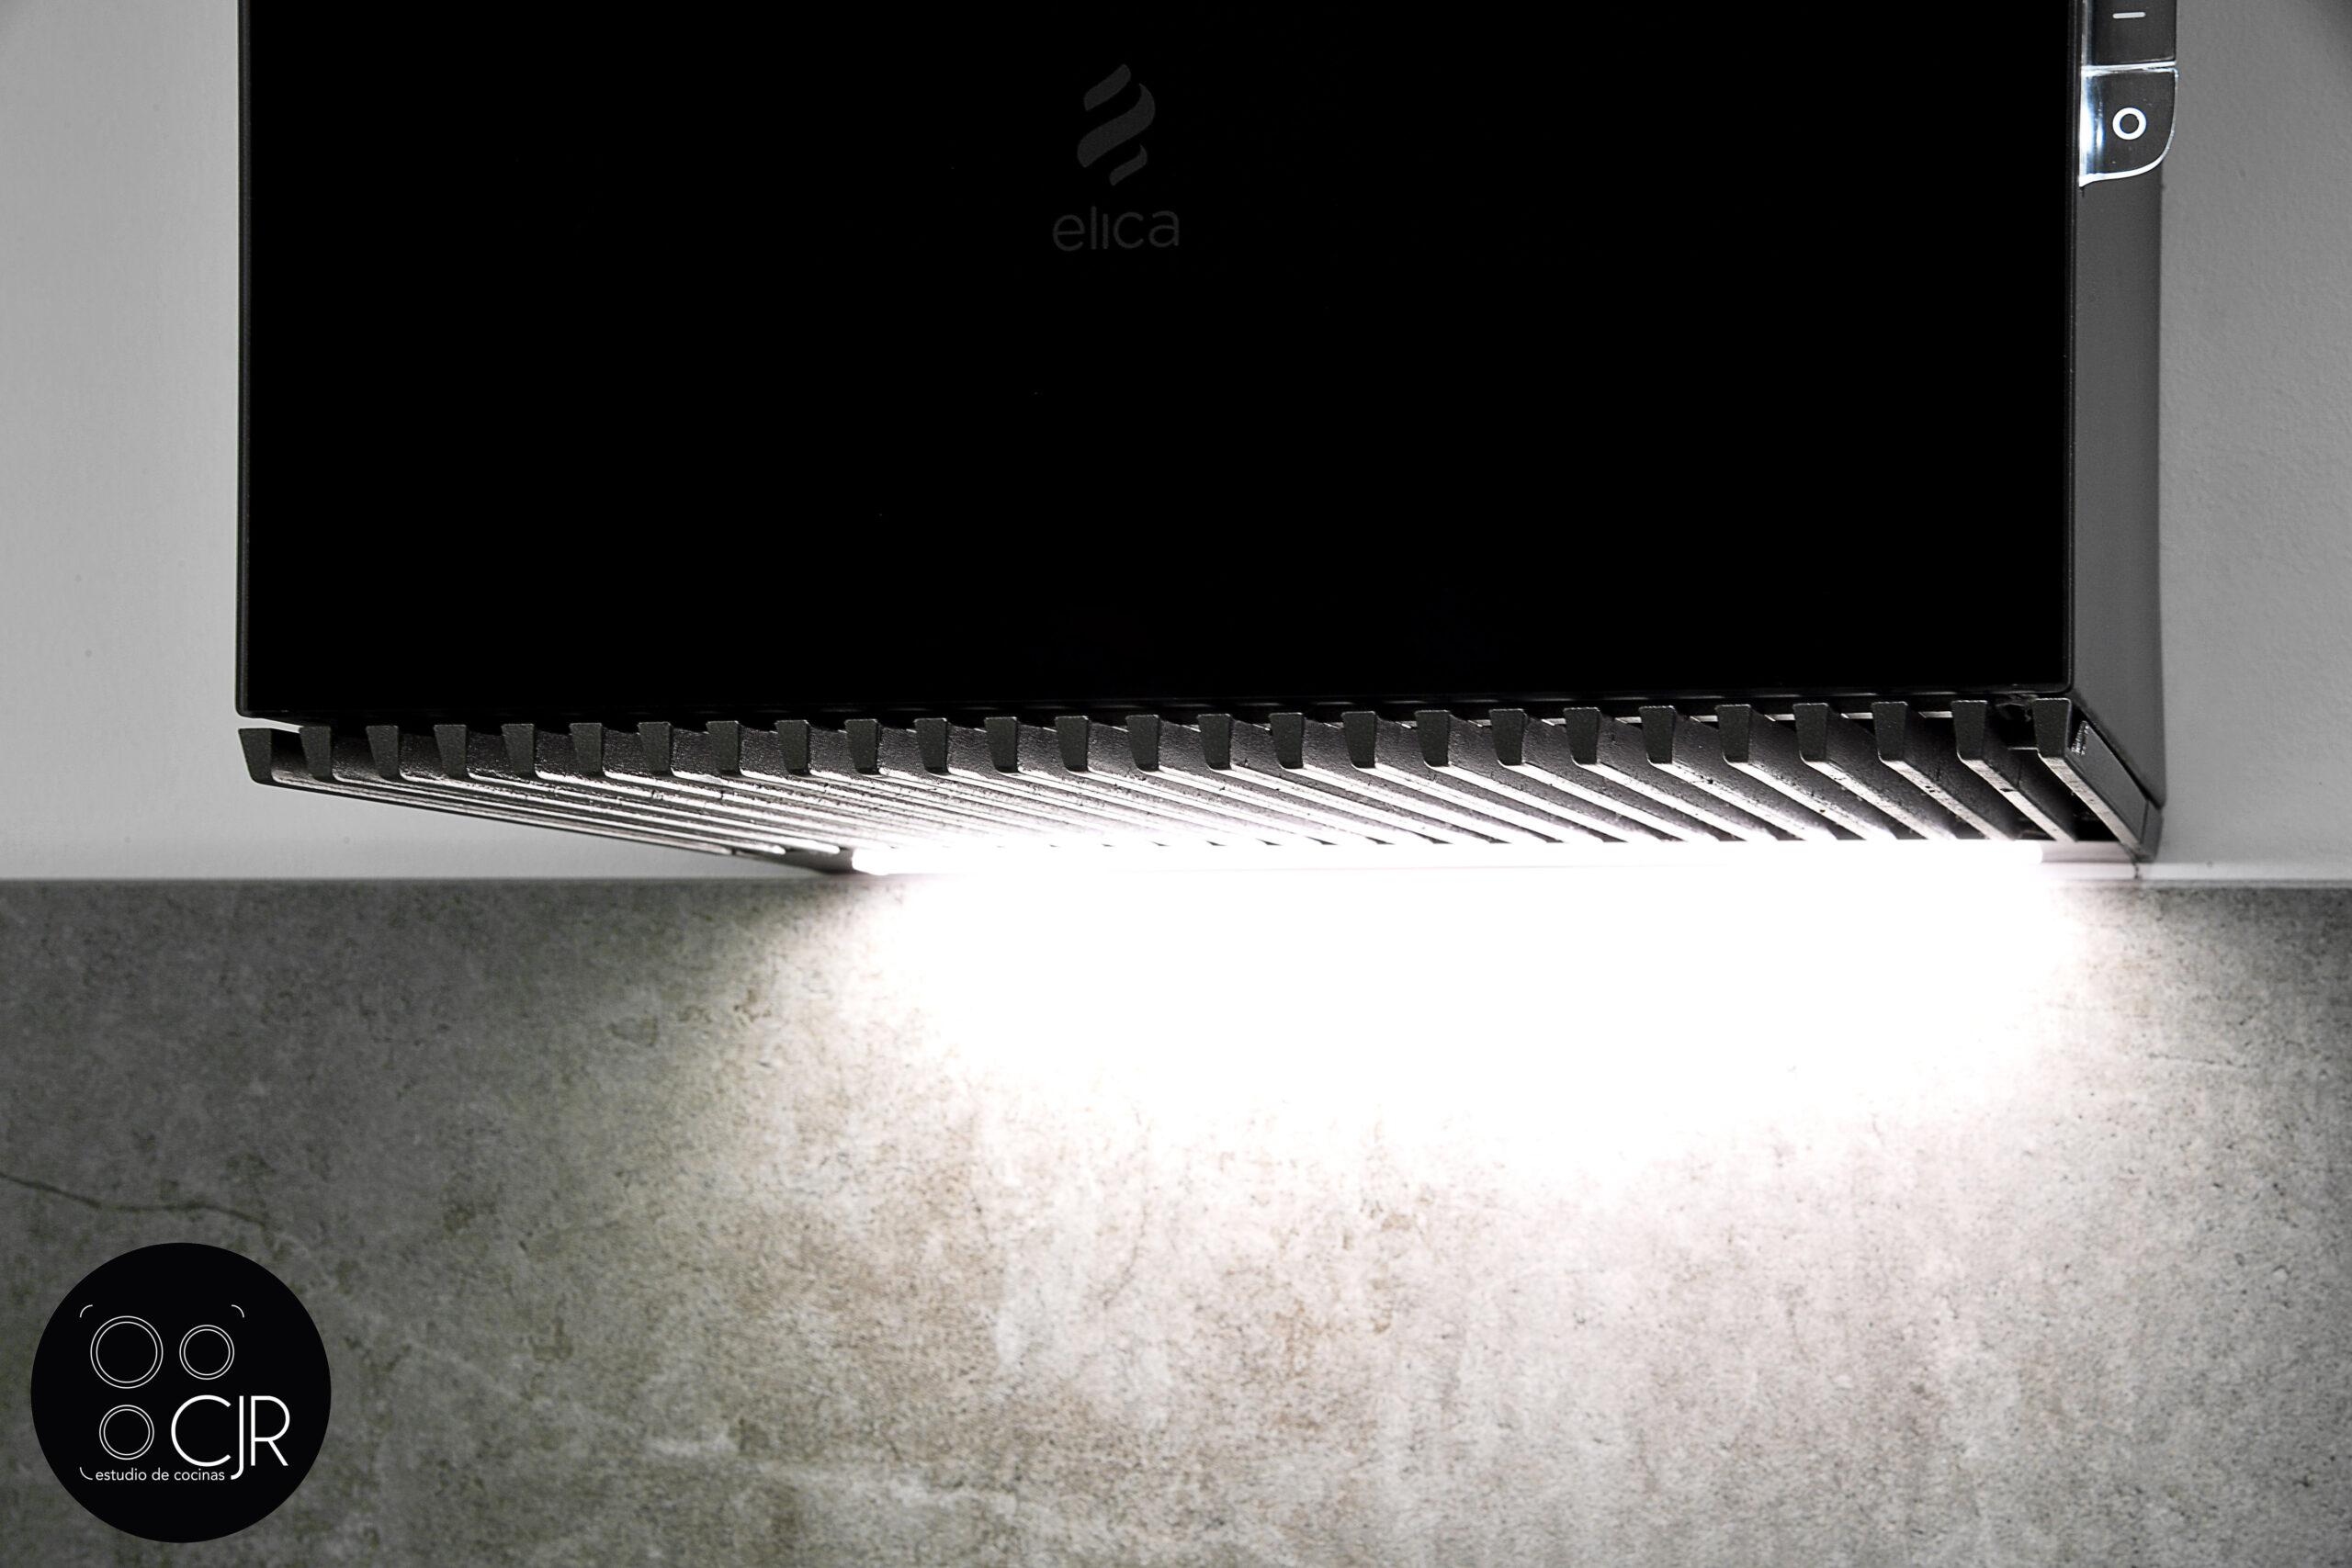 Campana elica desde cerca en la cocina blanca con encimera gris marengo